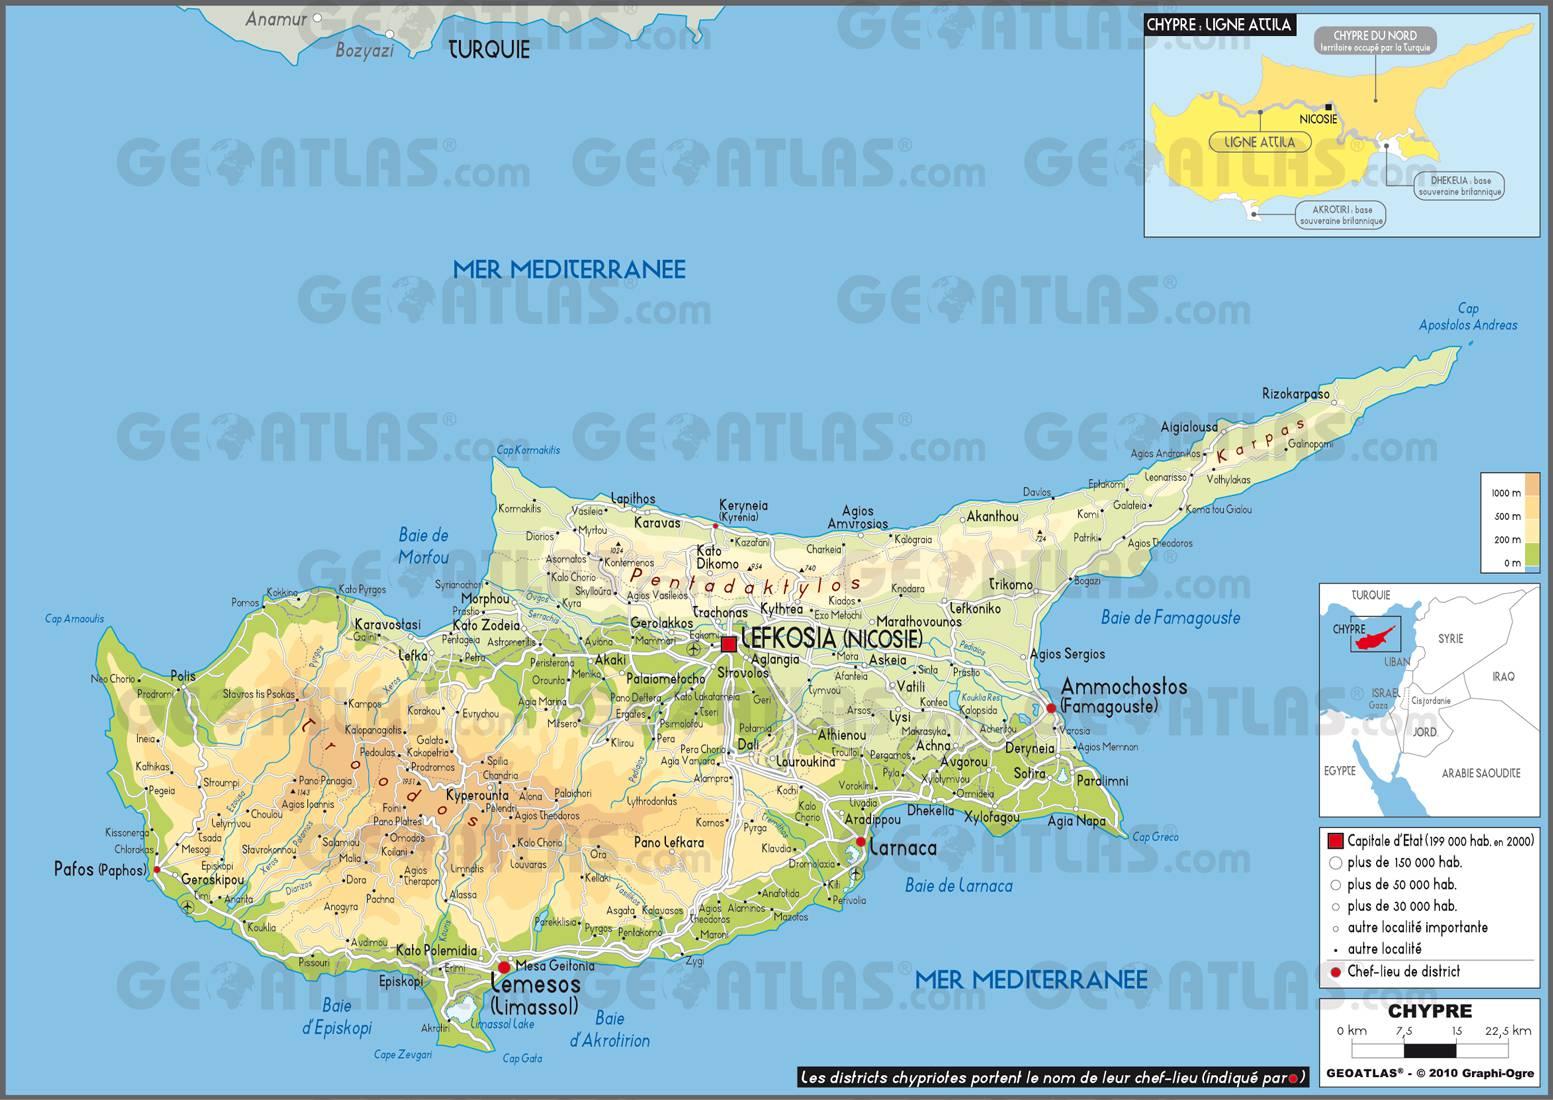 Chypre Carte Touristique.Carte De Chypre Plusieurs Cartes Du Pays Villes Relief